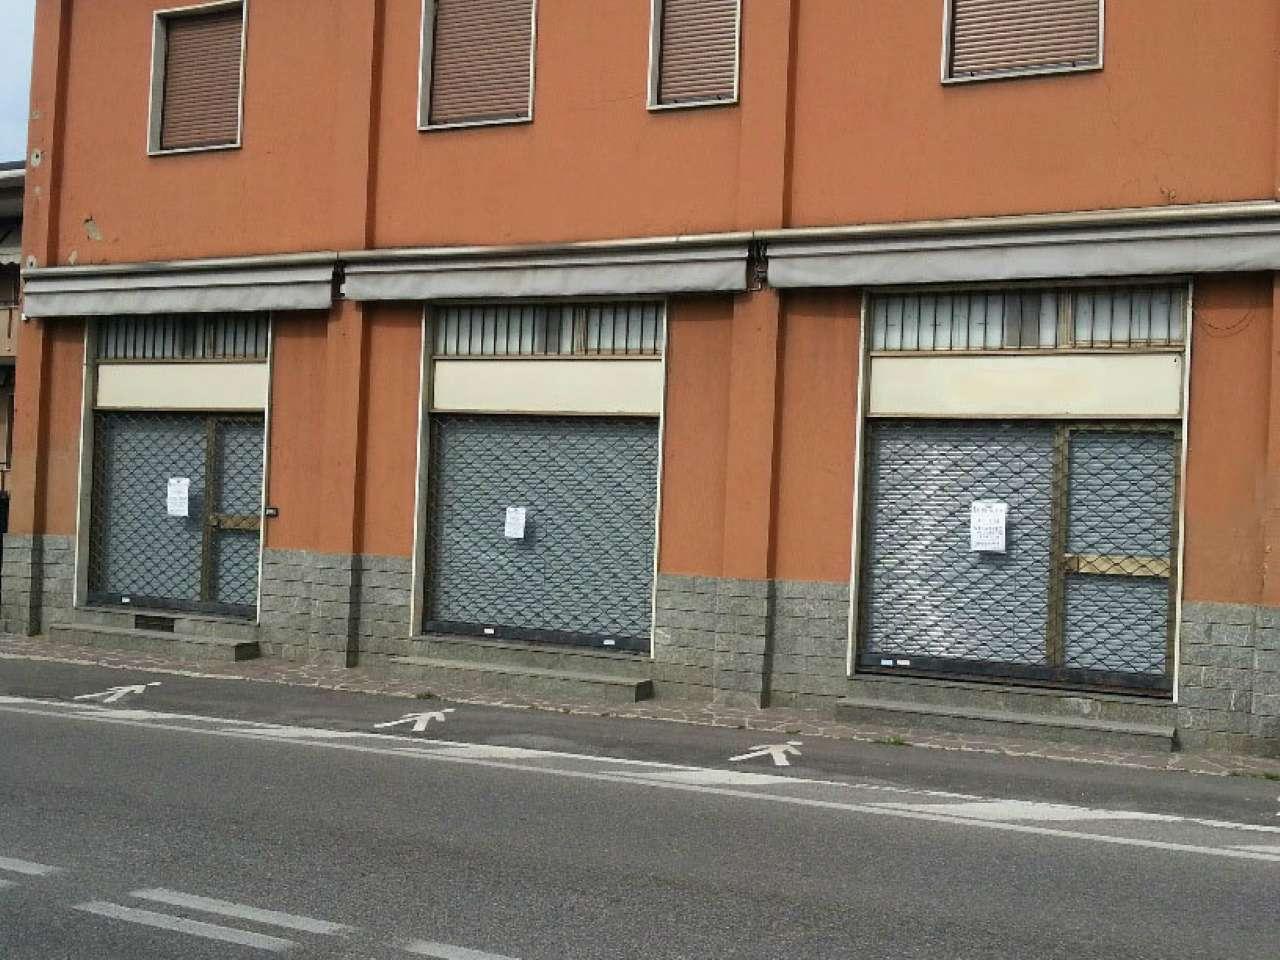 Negozio / Locale in affitto a Lesmo, 3 locali, prezzo € 1.500 | CambioCasa.it